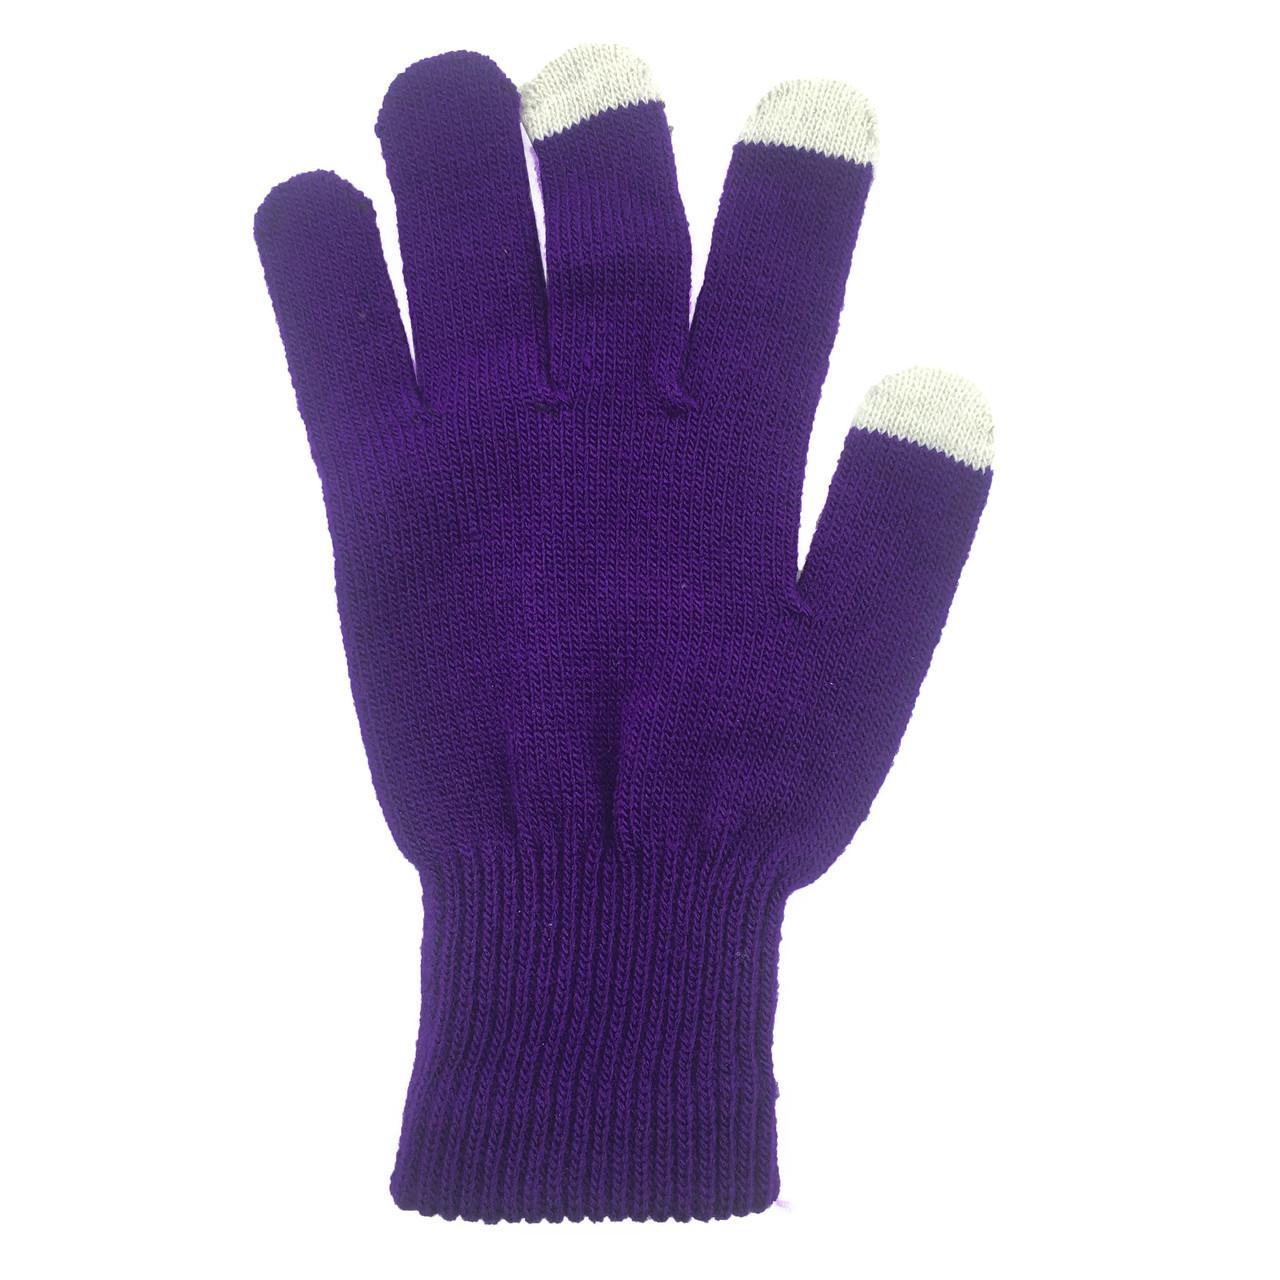 ✅ Перчатки iTouch для сенсорных экранов Ultra Violet